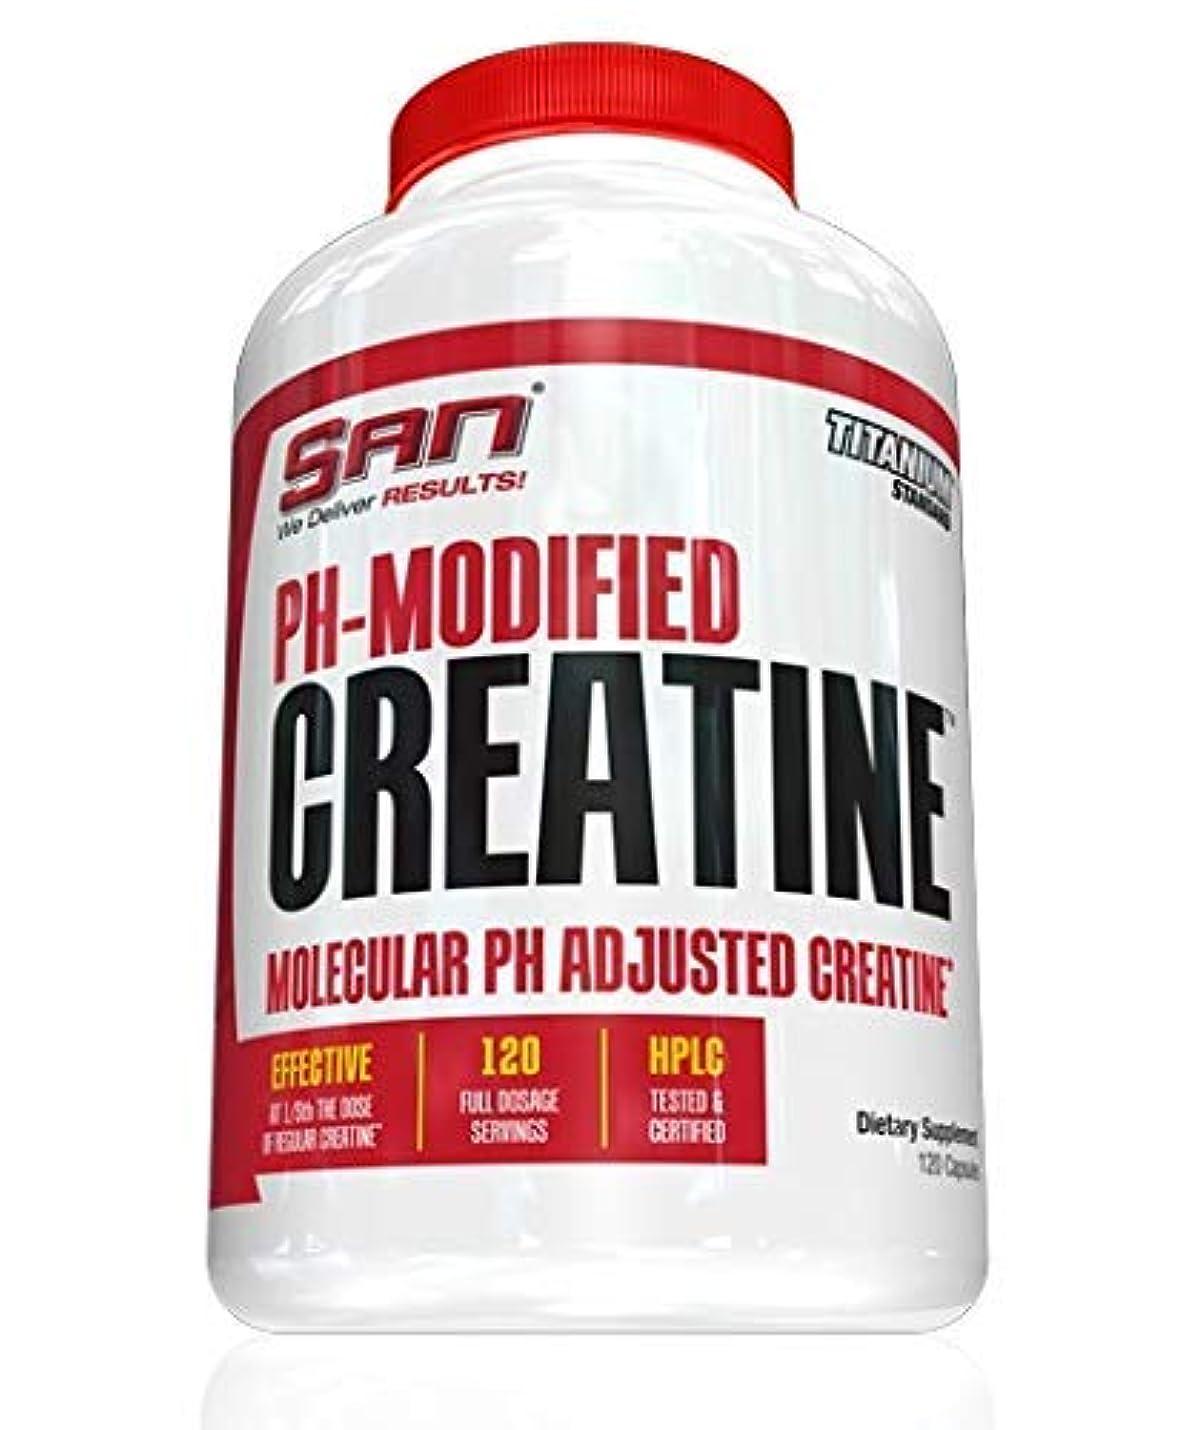 思いやりのある流体特権SAN PH-Modified Creatine 750 mg 120 caps - SAN PH-モディファイド クレアチン 750 mg 120 カプセル